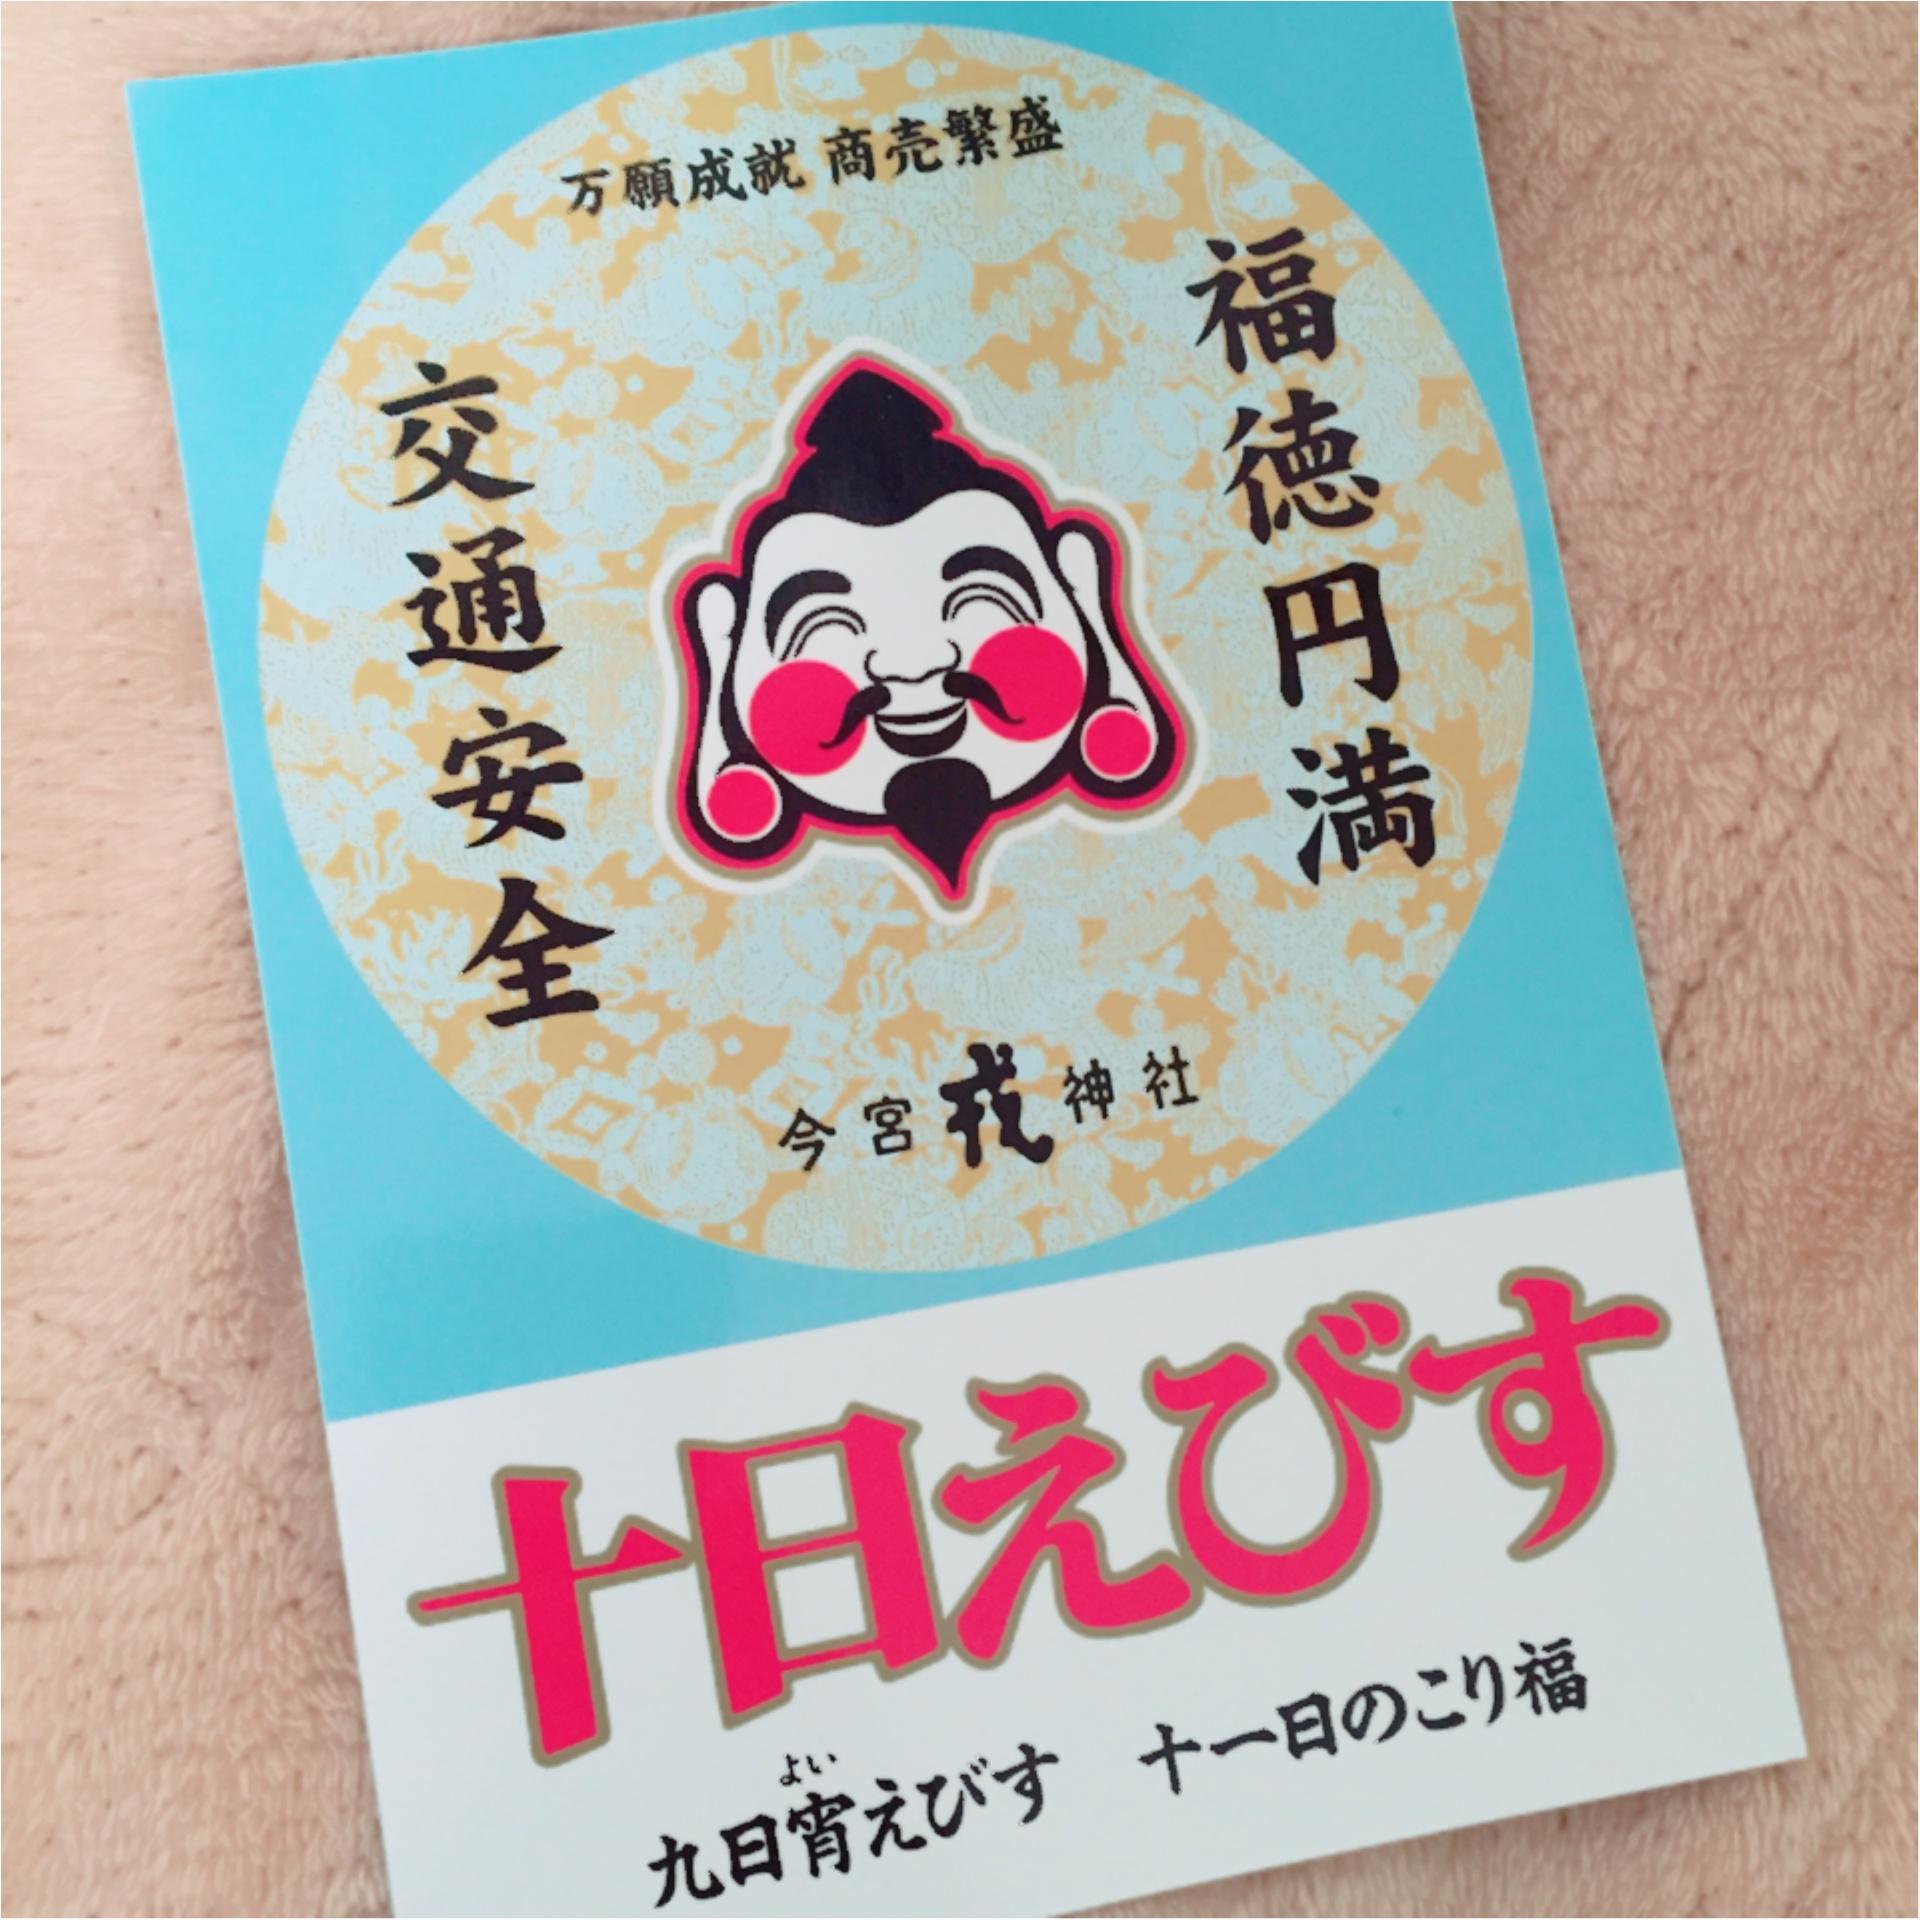 関西では初詣より盛り上がる?!1/9〜1/11の「十日えびす」の楽しみ方_1